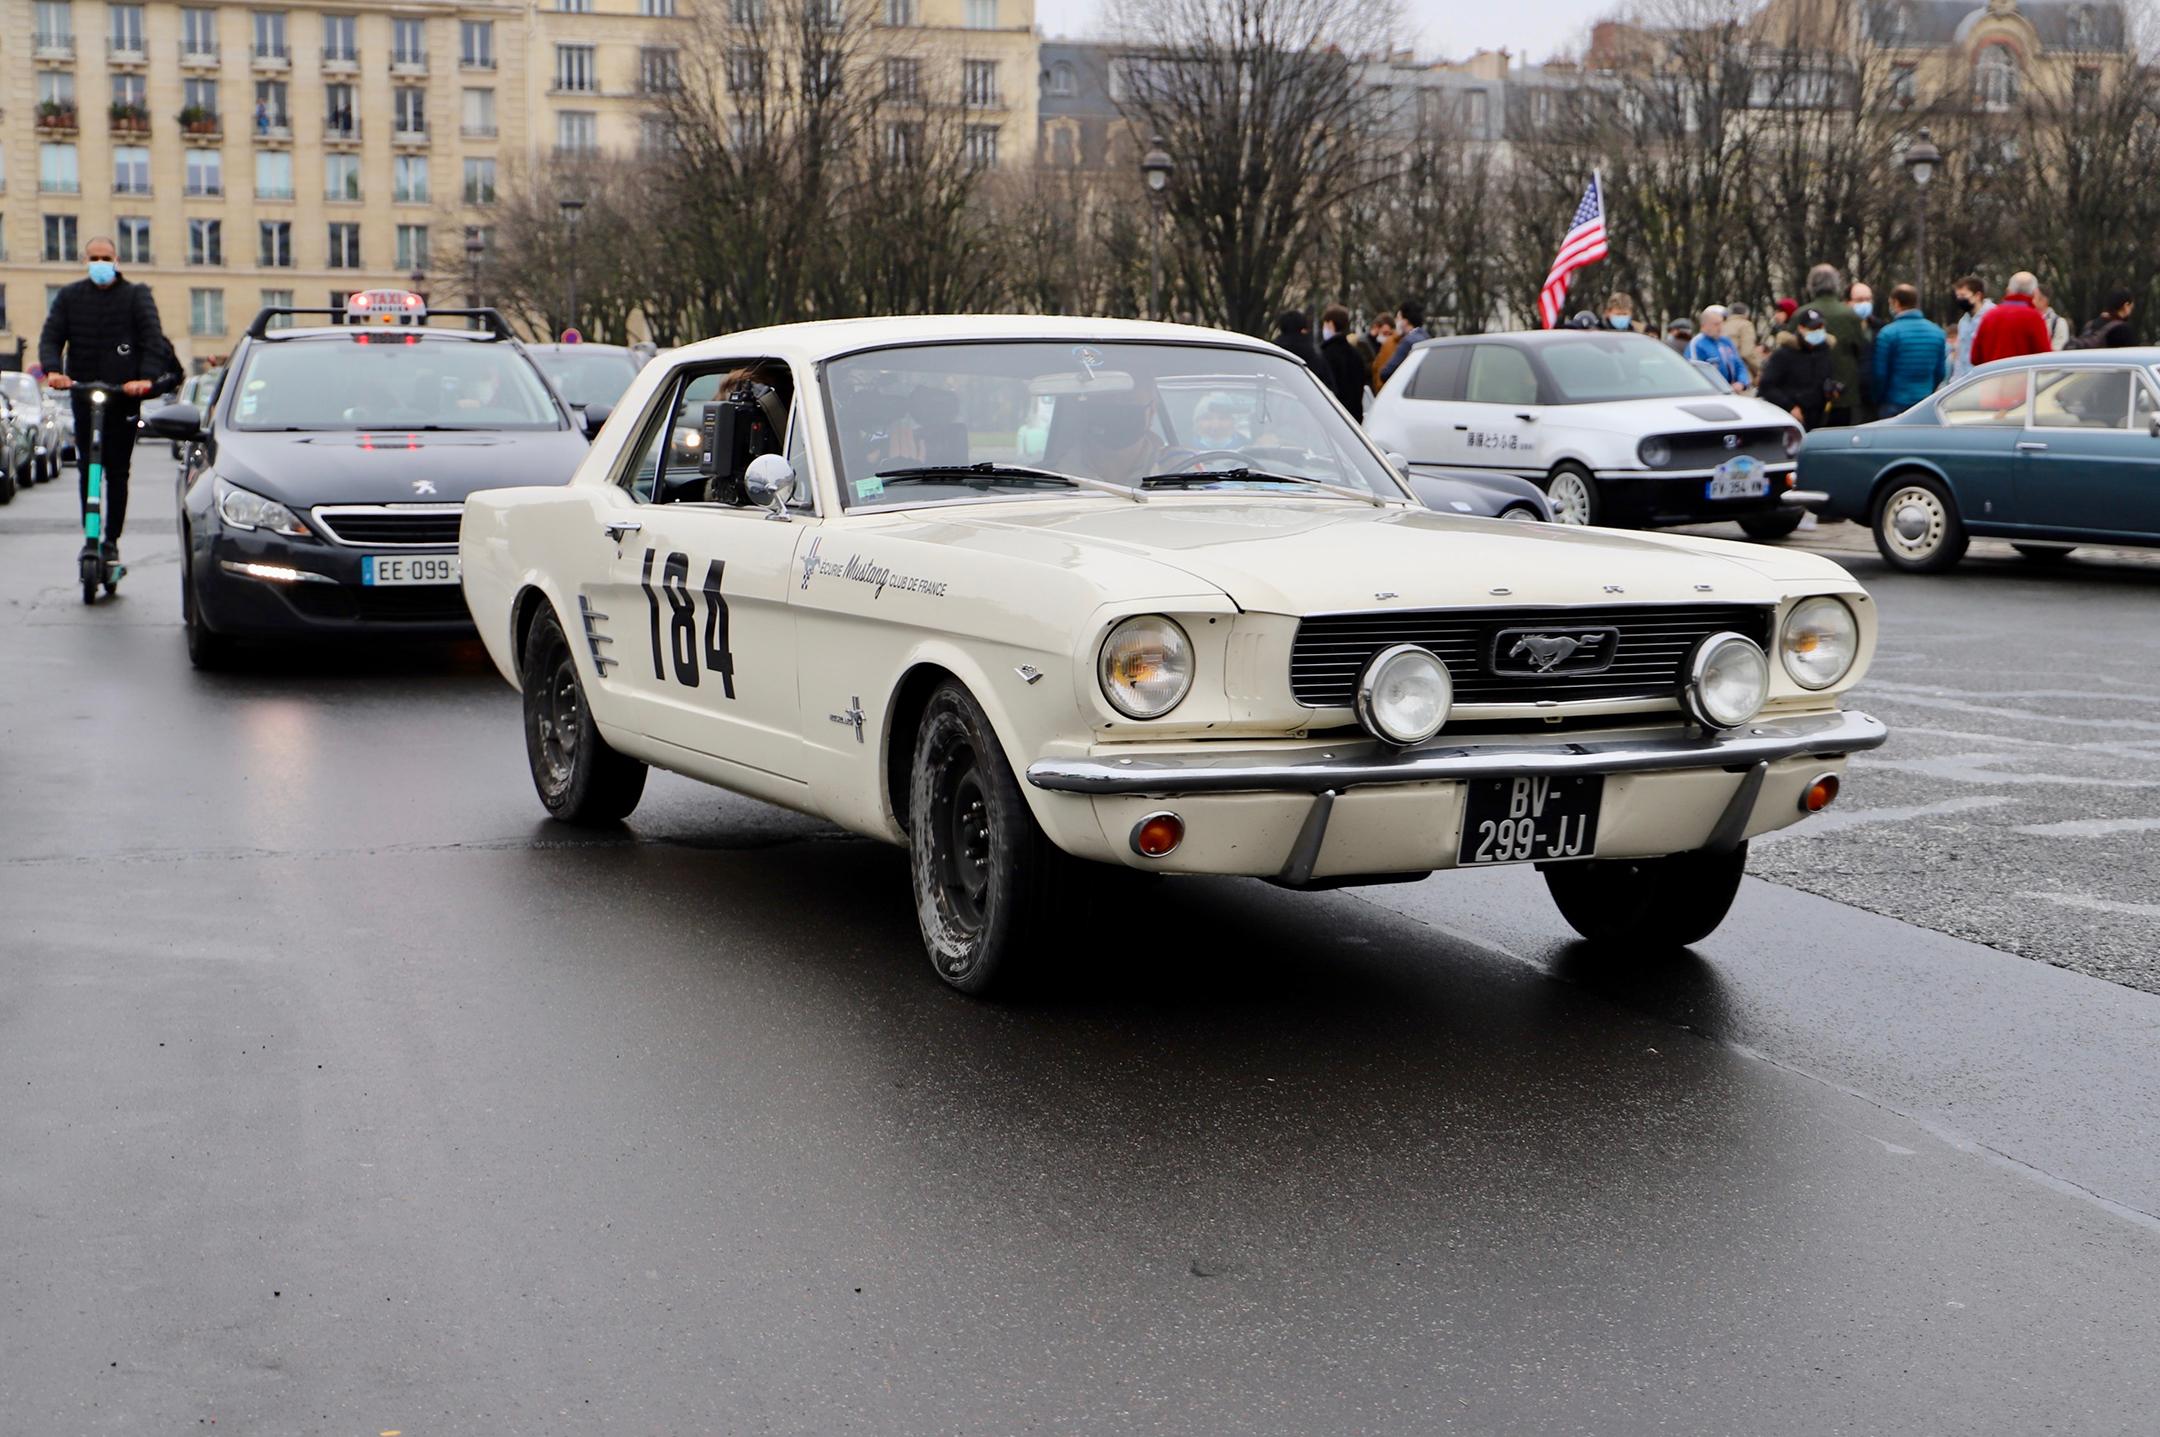 Ford Mustang - réplique officielle herocar Un homme et une femme - Traversée de Paris Hivernale - 2021 - photo Ludo Ferrari